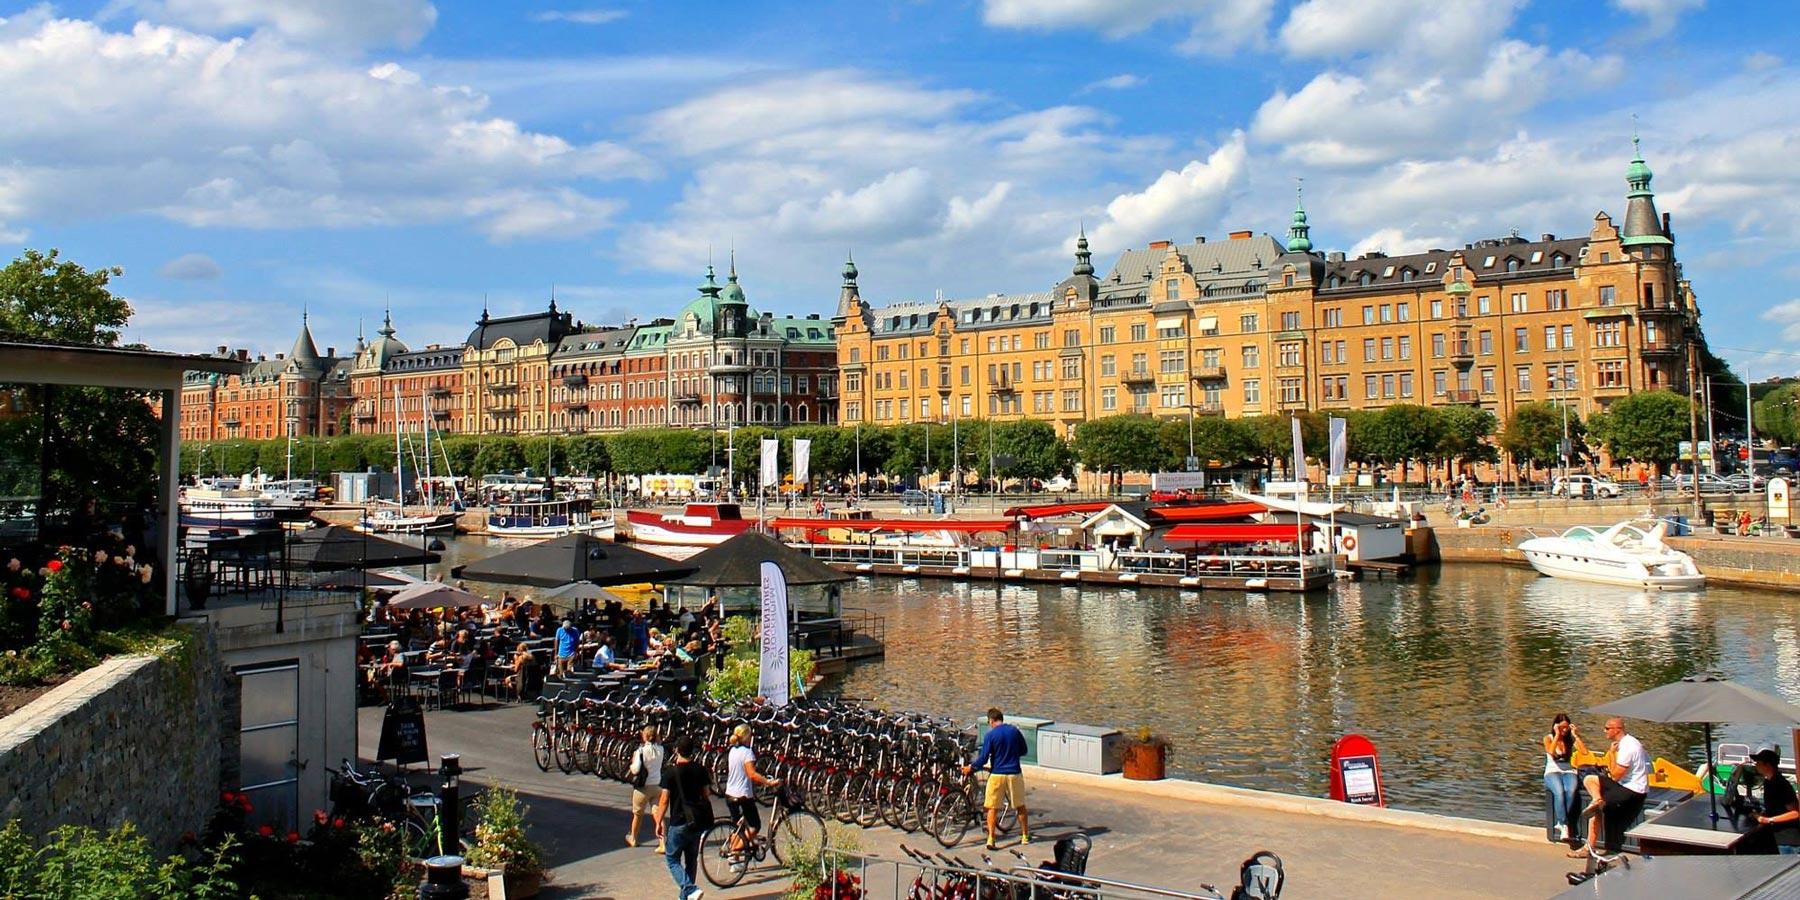 StockholmRiver